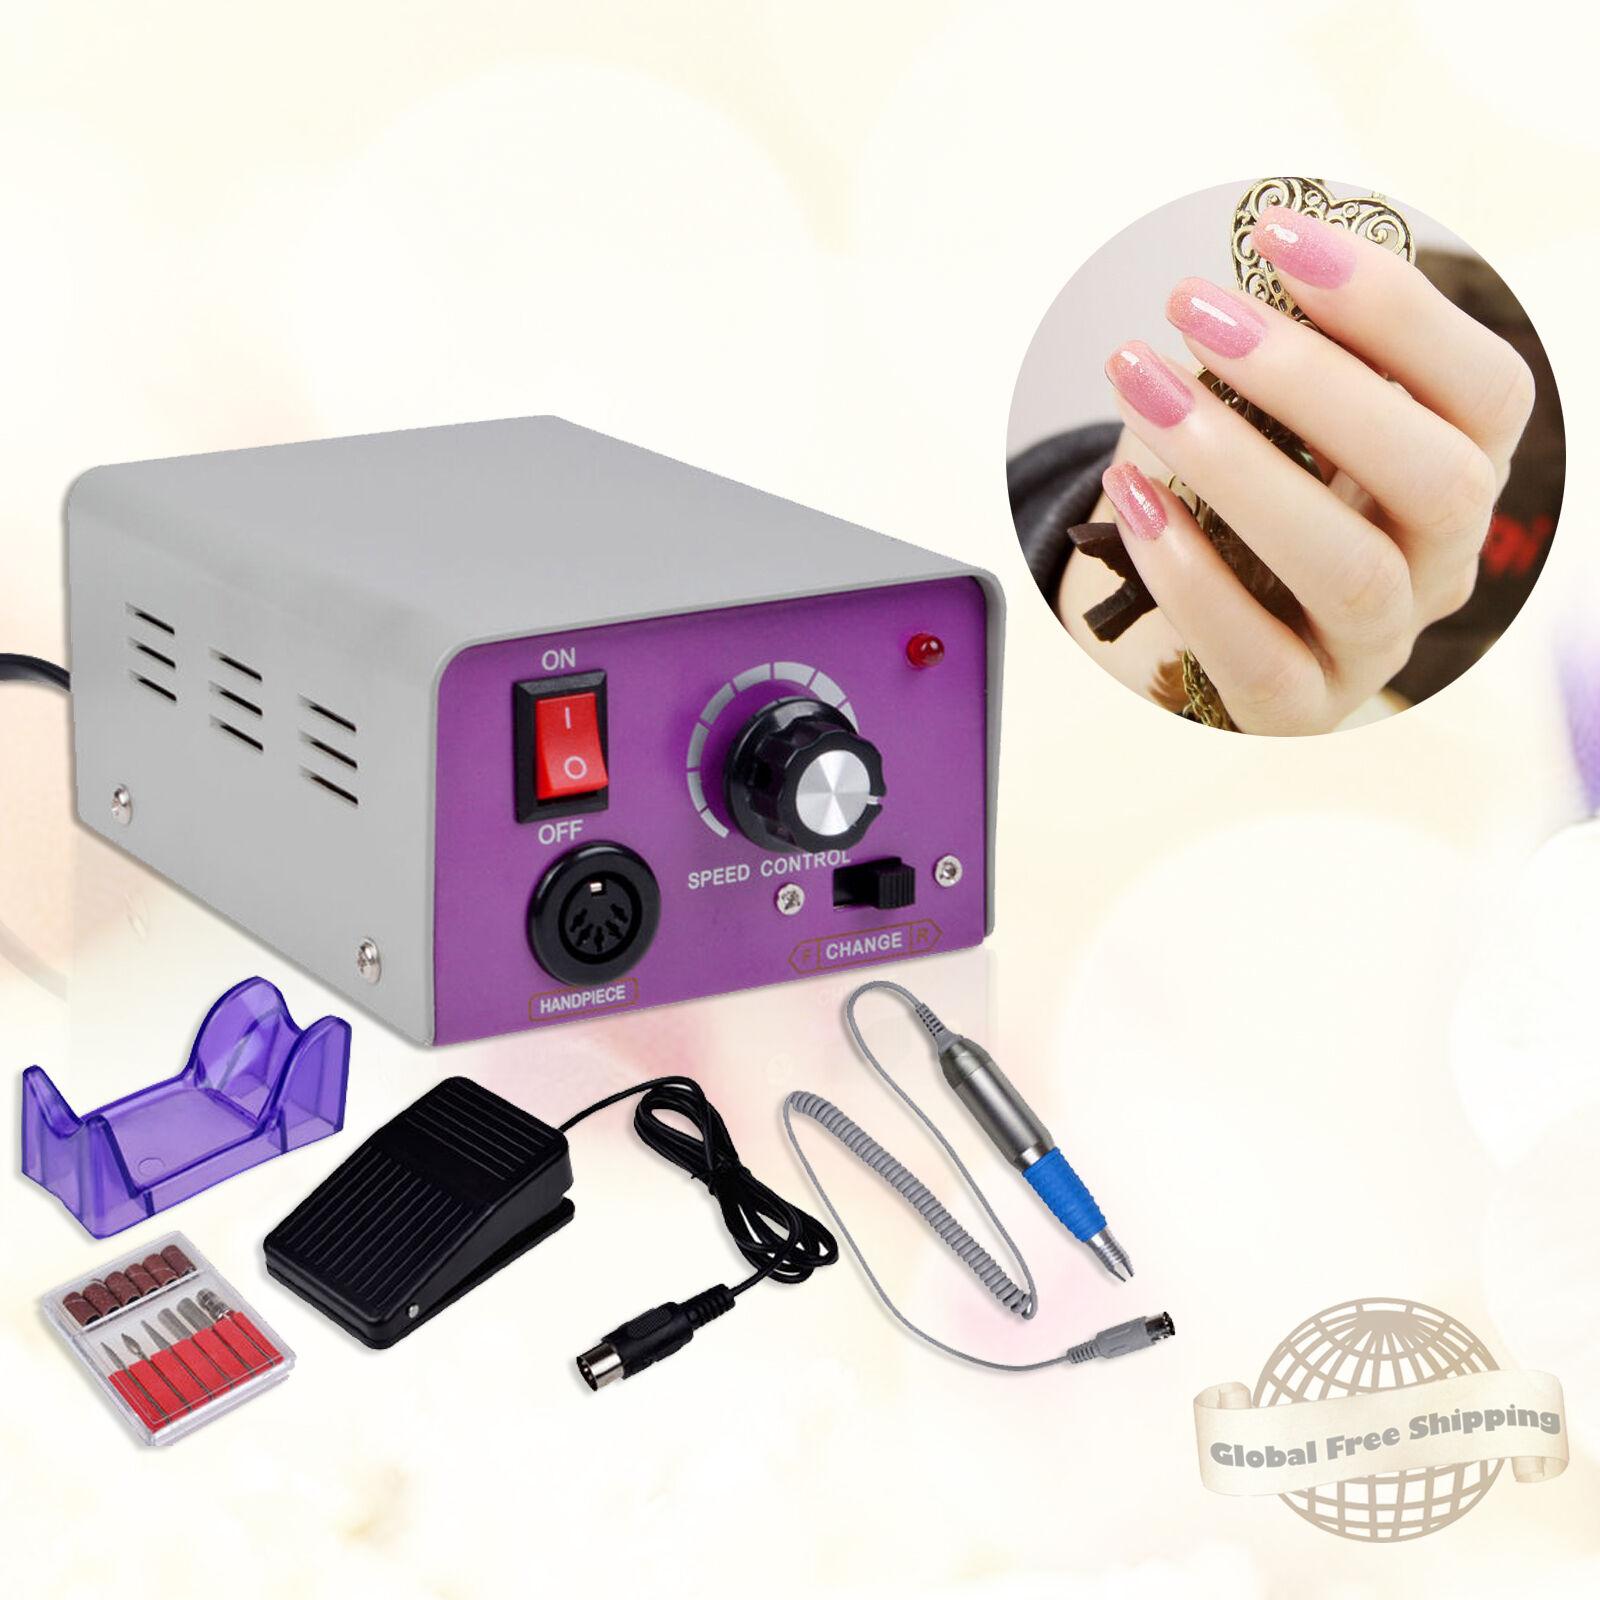 Фото аппарата для маникюра и педикюра